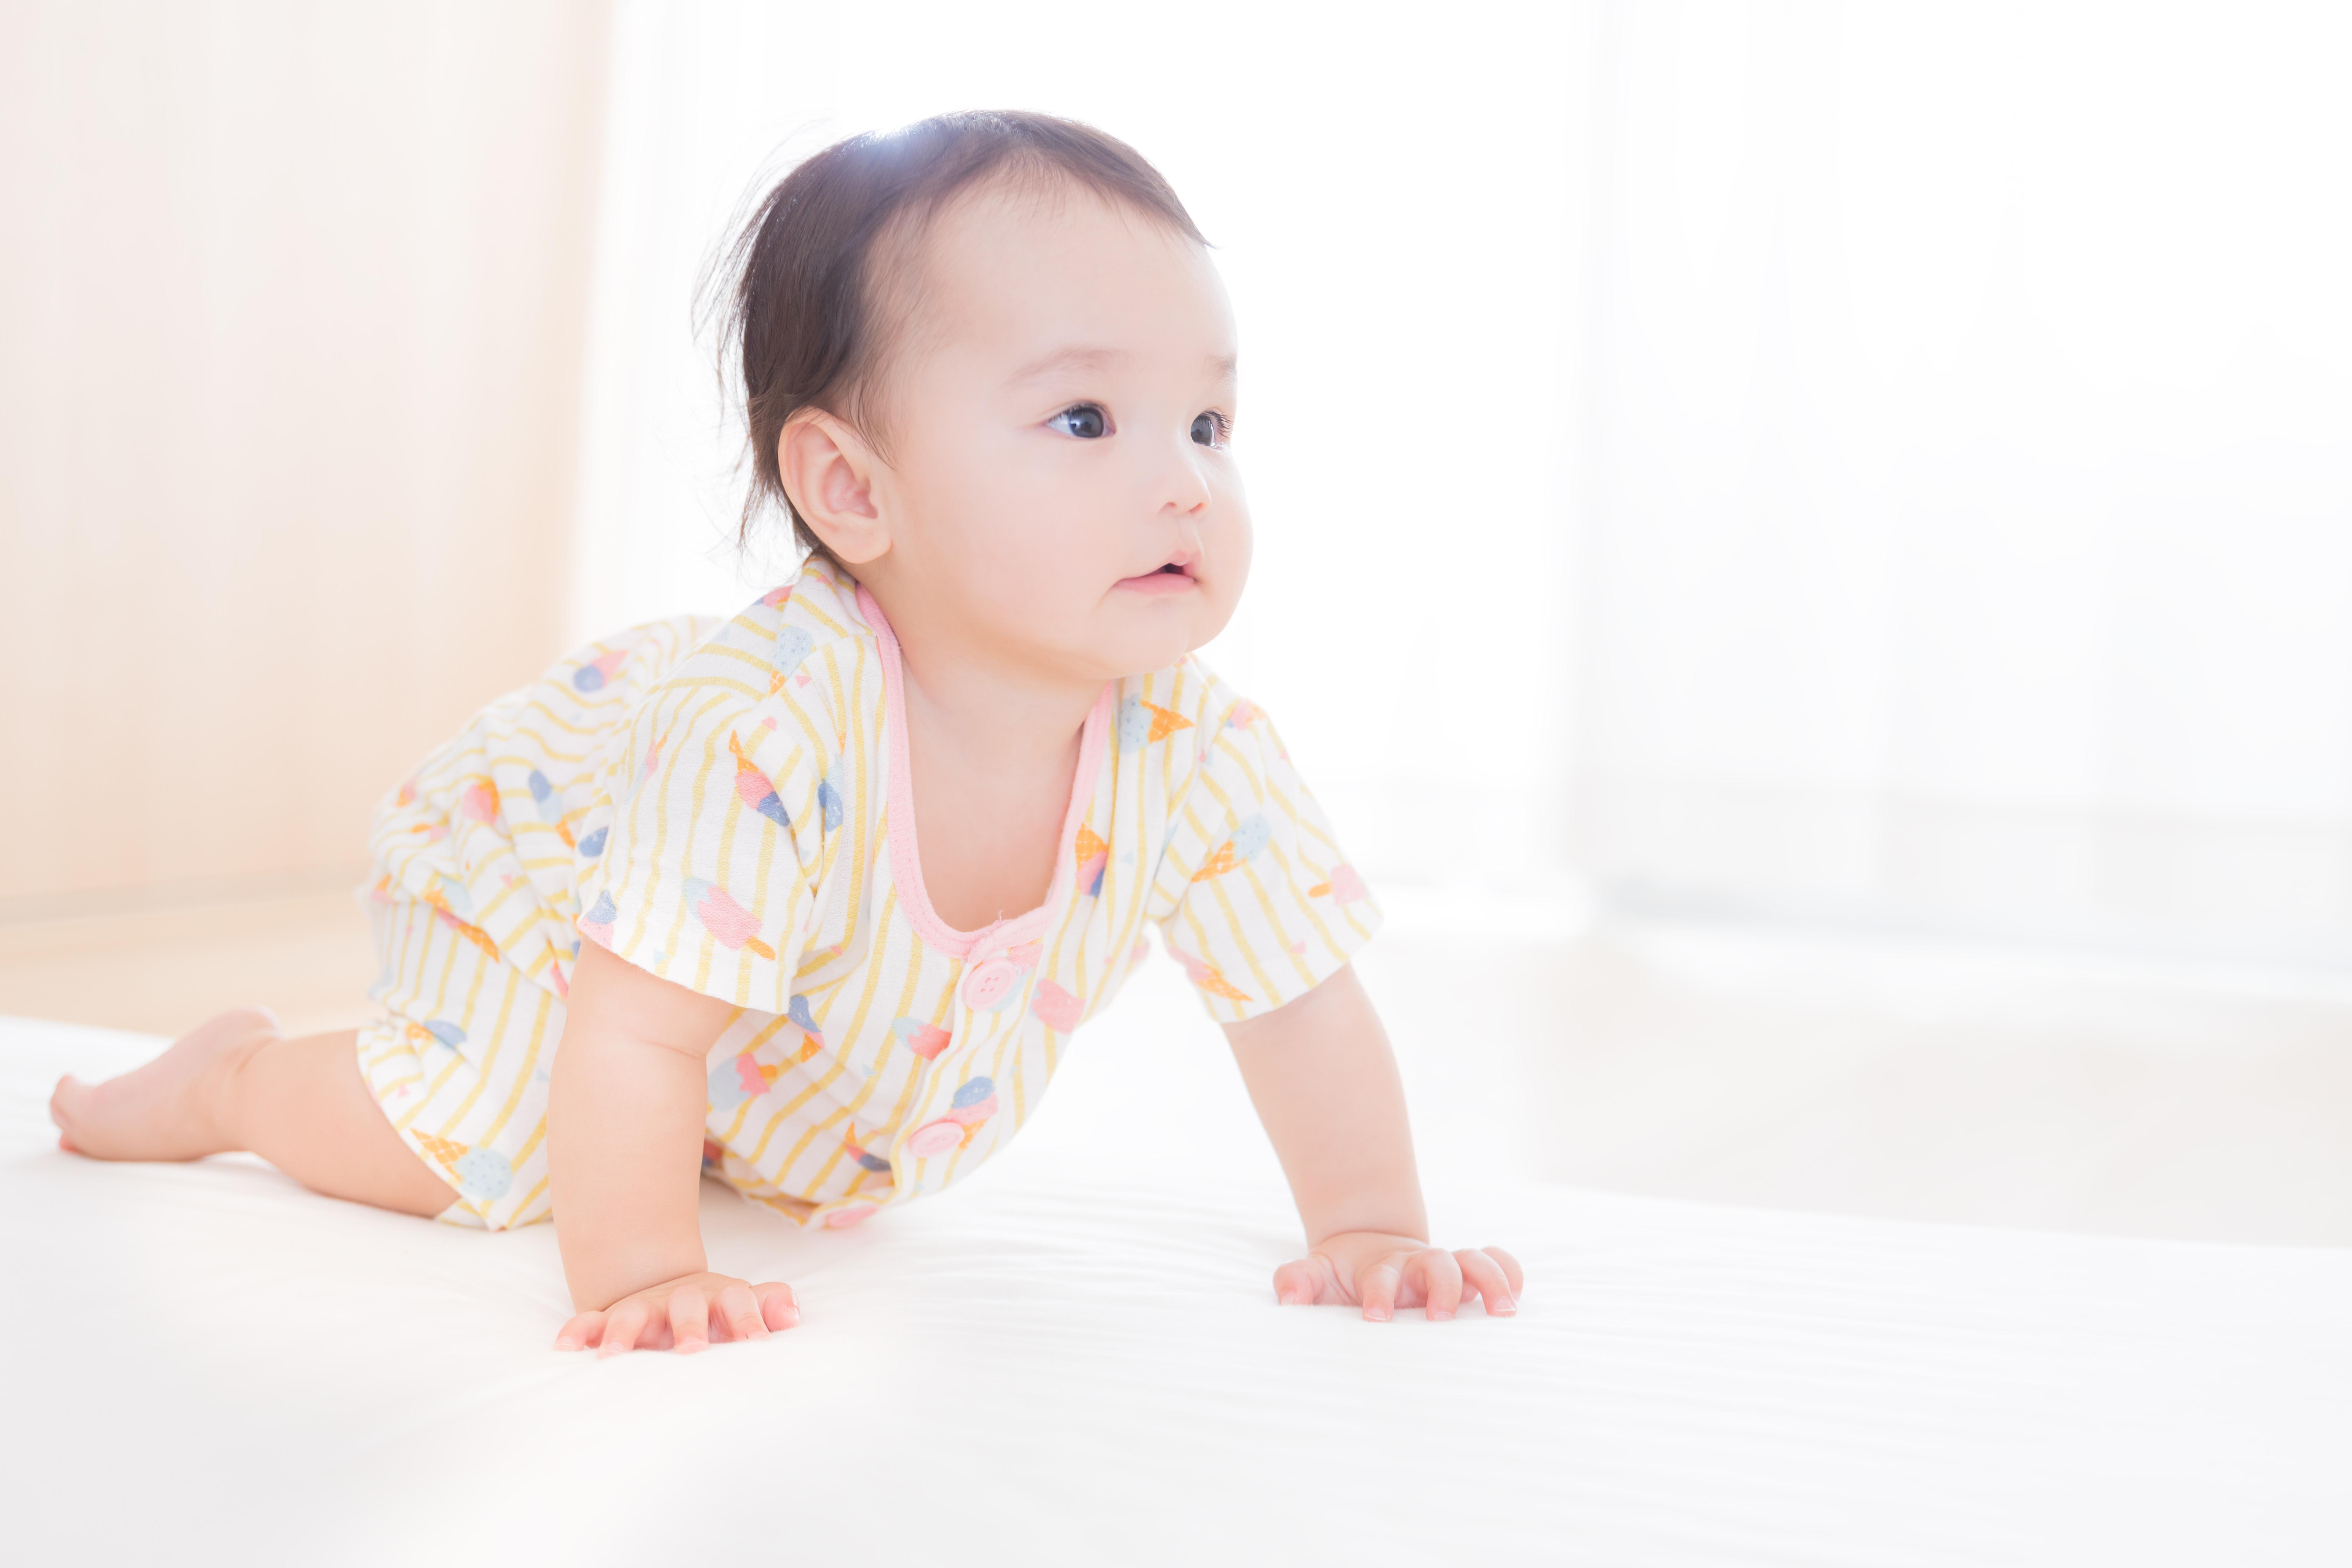 【赤ちゃんモデル】子供がモデルになるために必要な費用と報酬は?